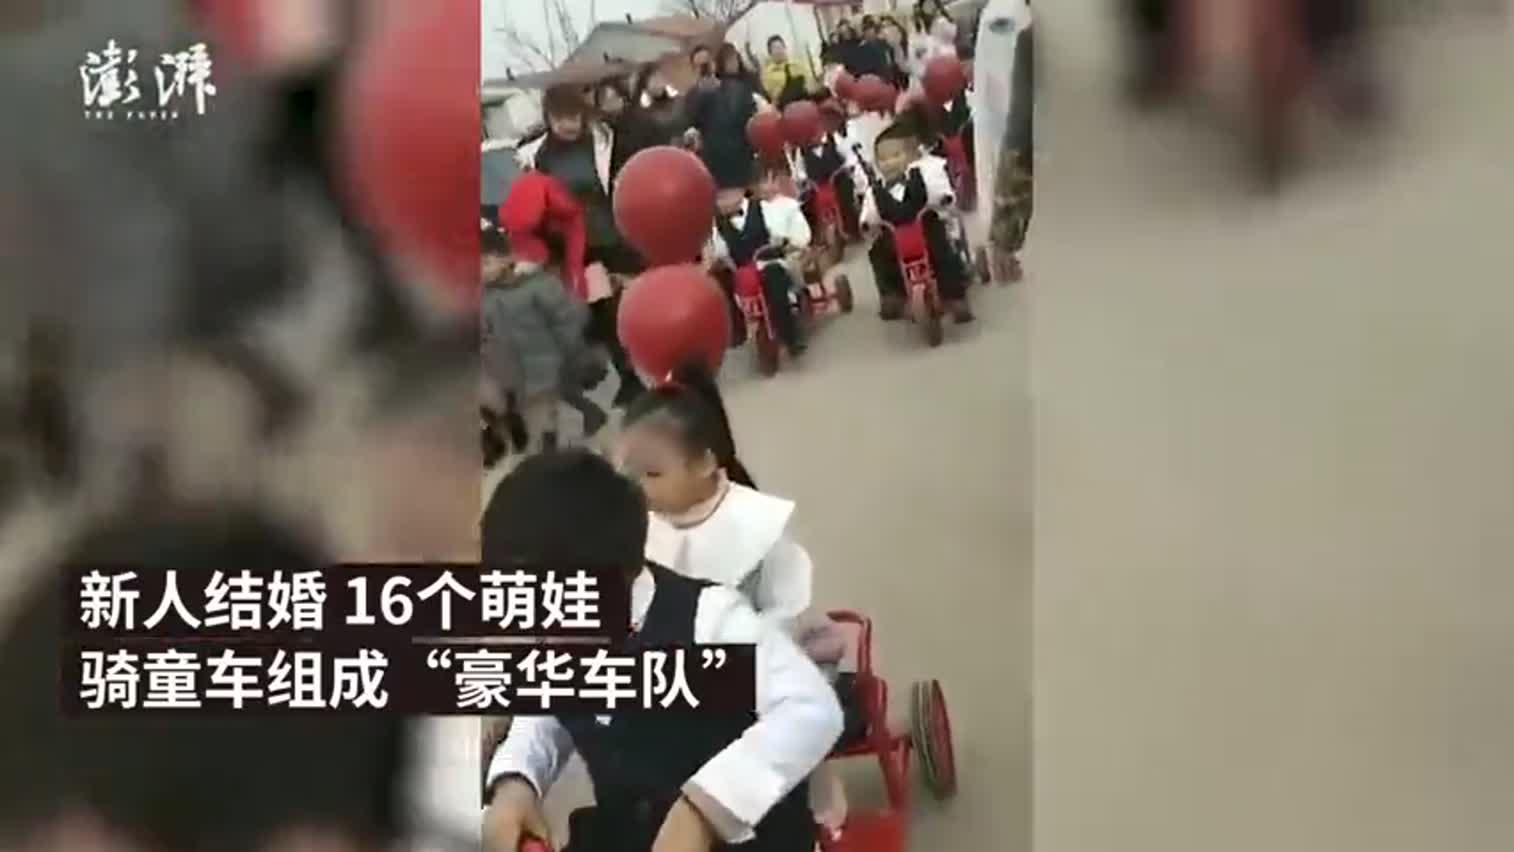 视频-豪华伴娘伴郎团!16个萌娃骑童车迎亲